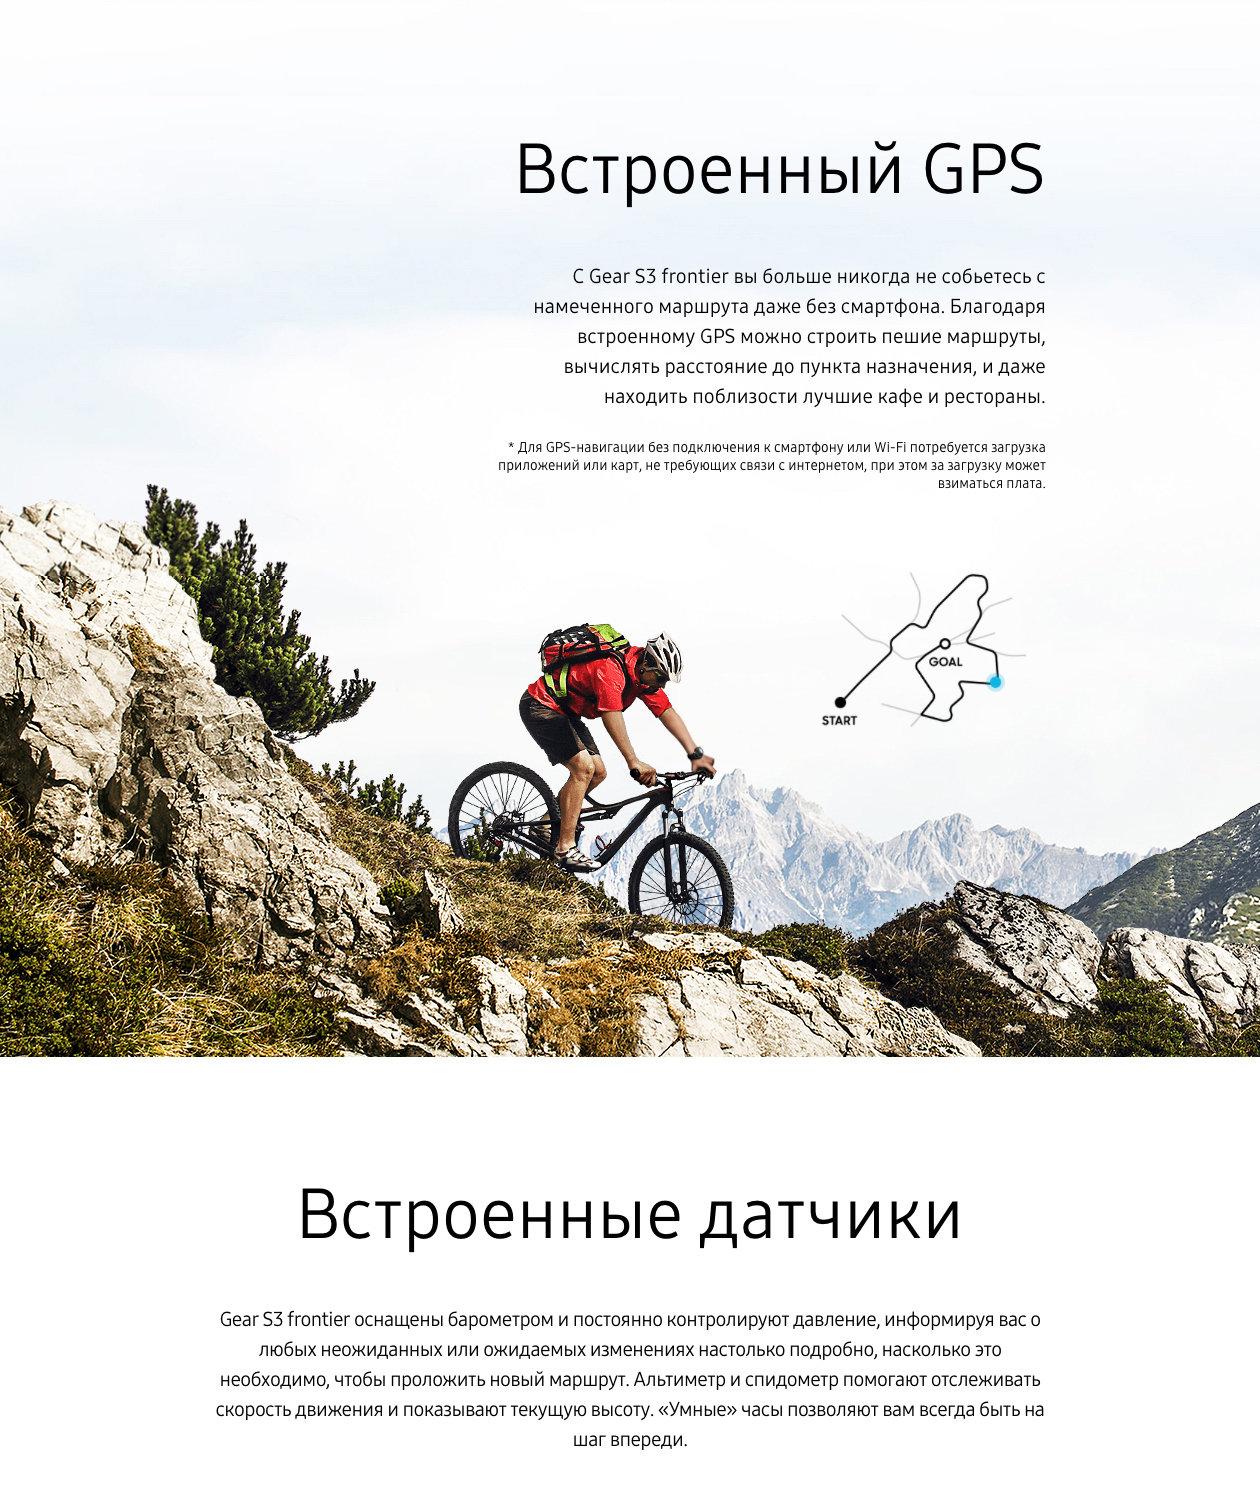 61861f710d66 Купить Часы Samsung Gear S3 Frontier по выгодной цене на Яндекс.Маркете